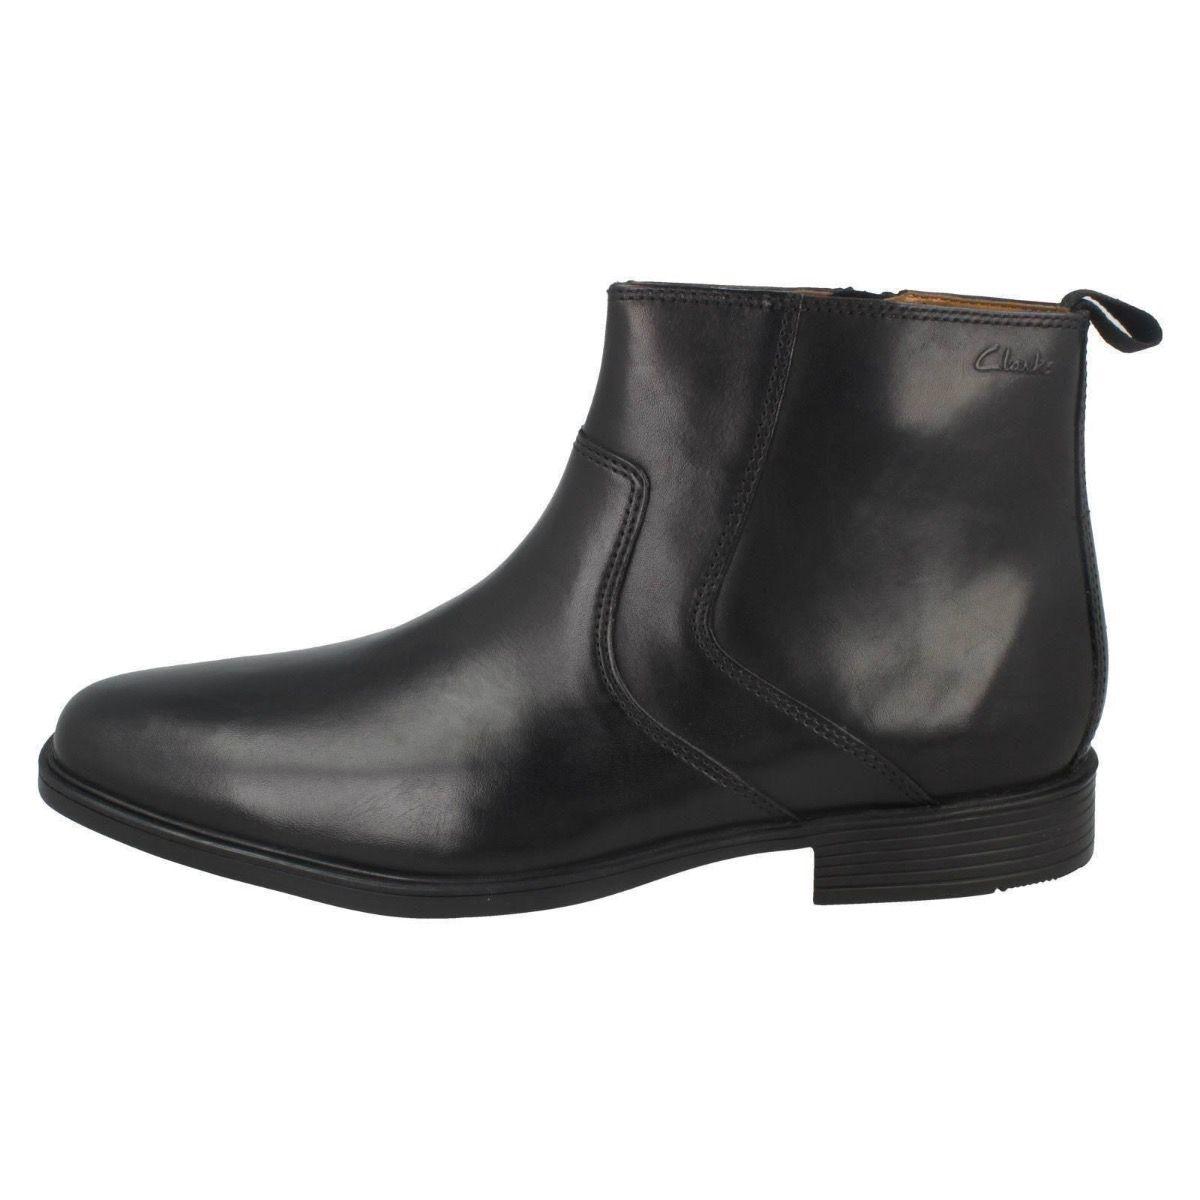 Clarks Tilden Ankle Zip Black Boot for Men-9.5